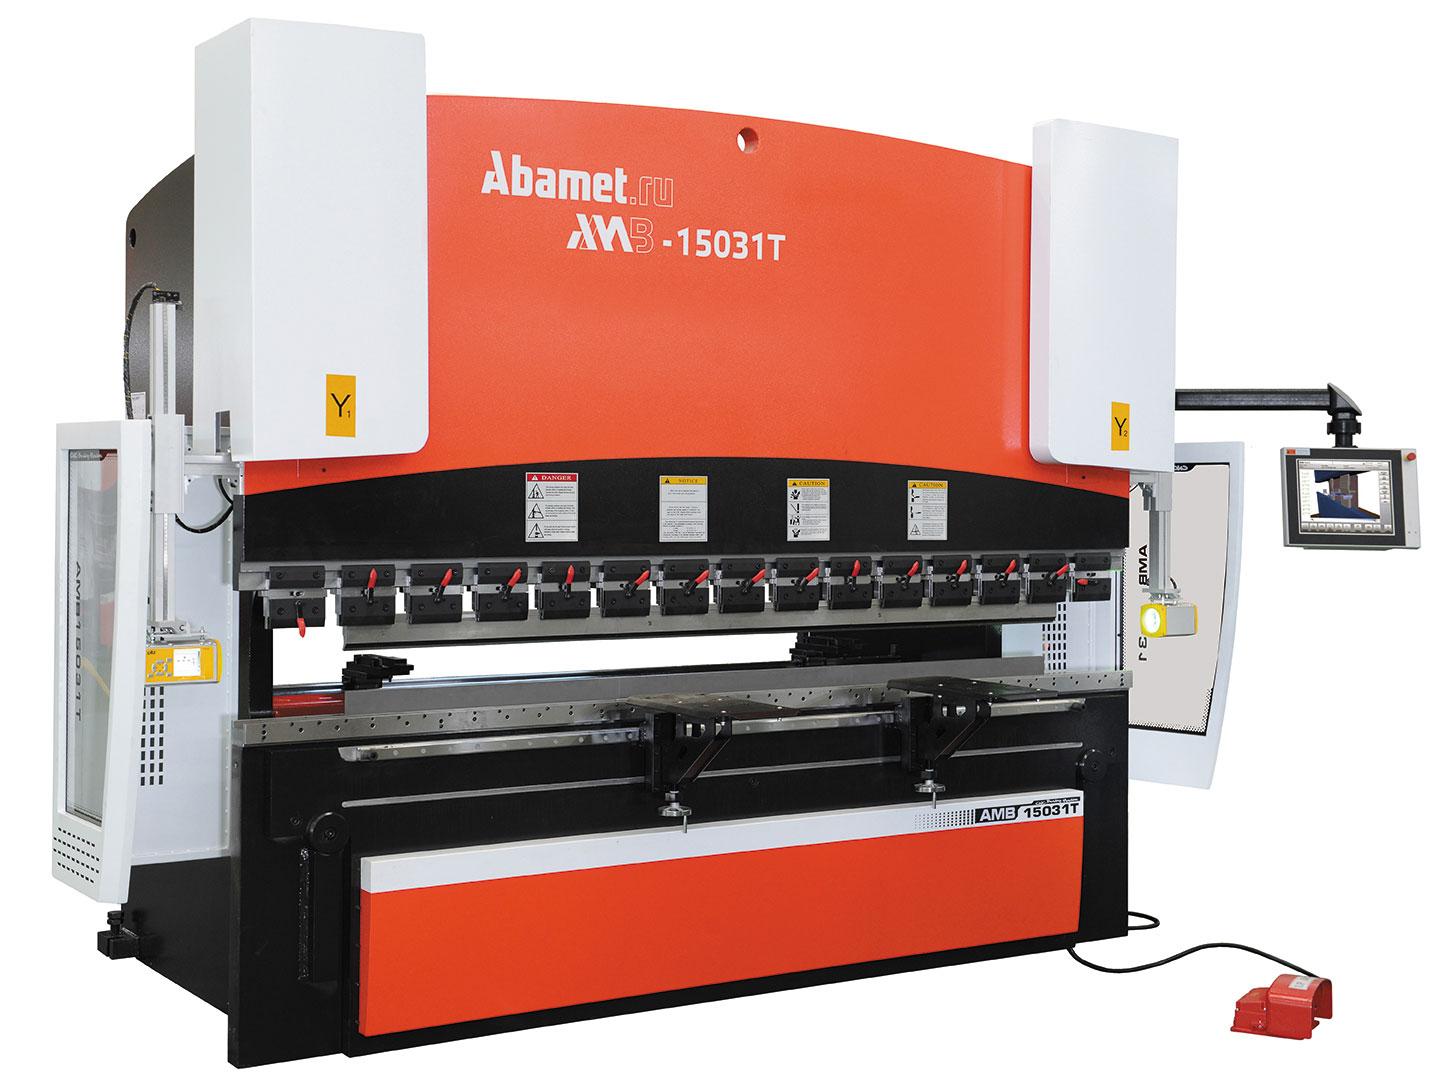 Гидравлический листогибочный пресс Abamet AMB-15031T